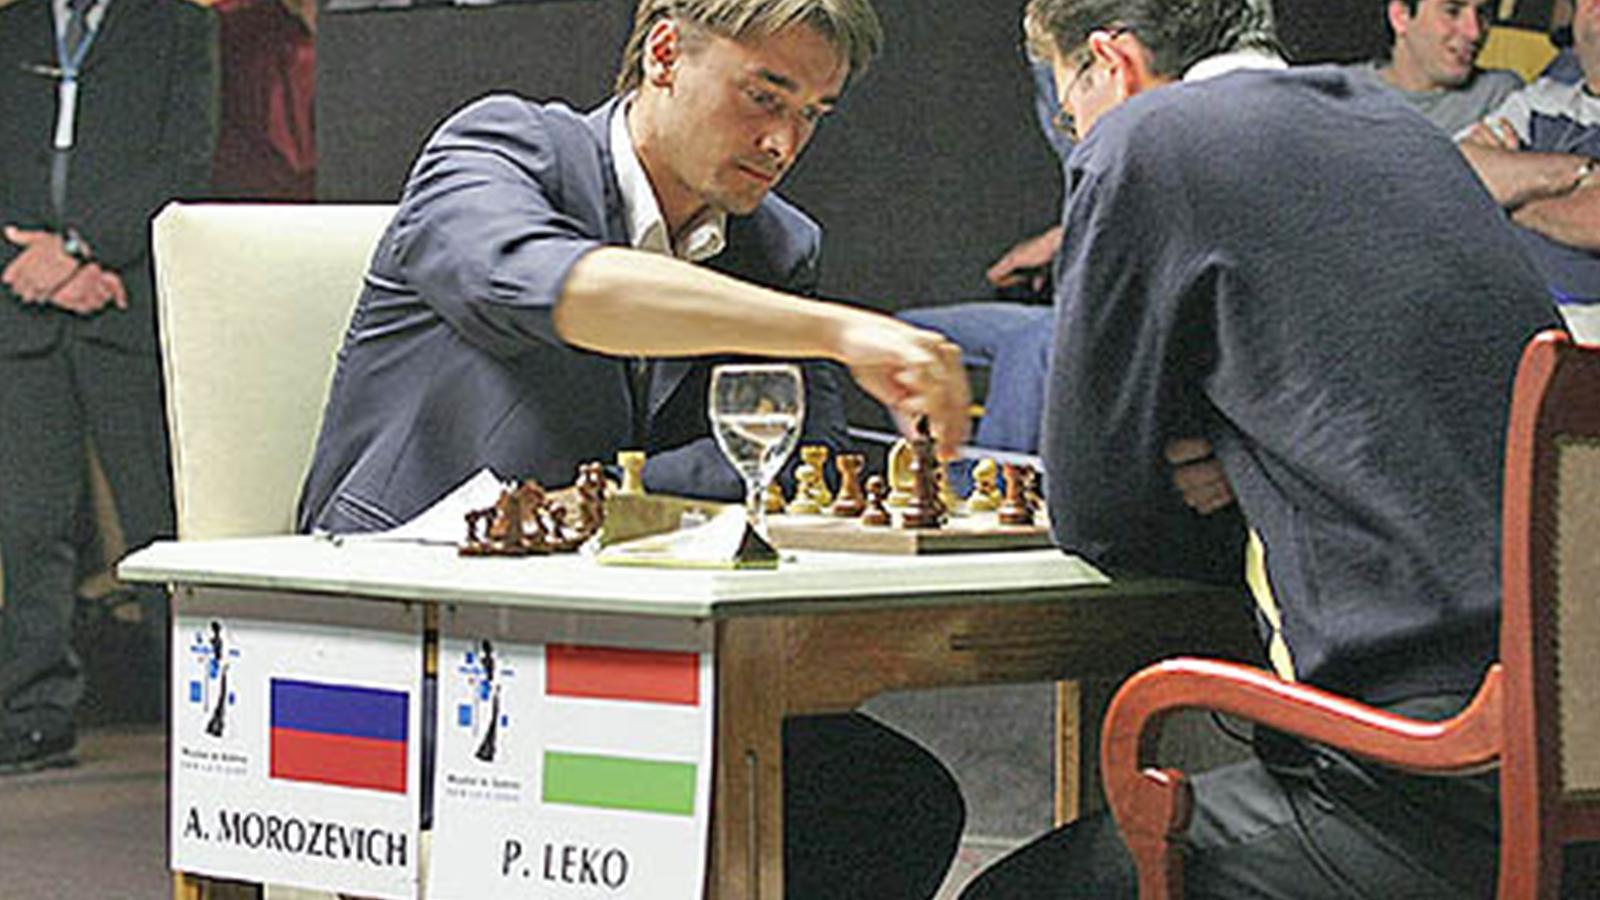 Азербайджанская сср n:xxiii международный шахматный турнир линарес